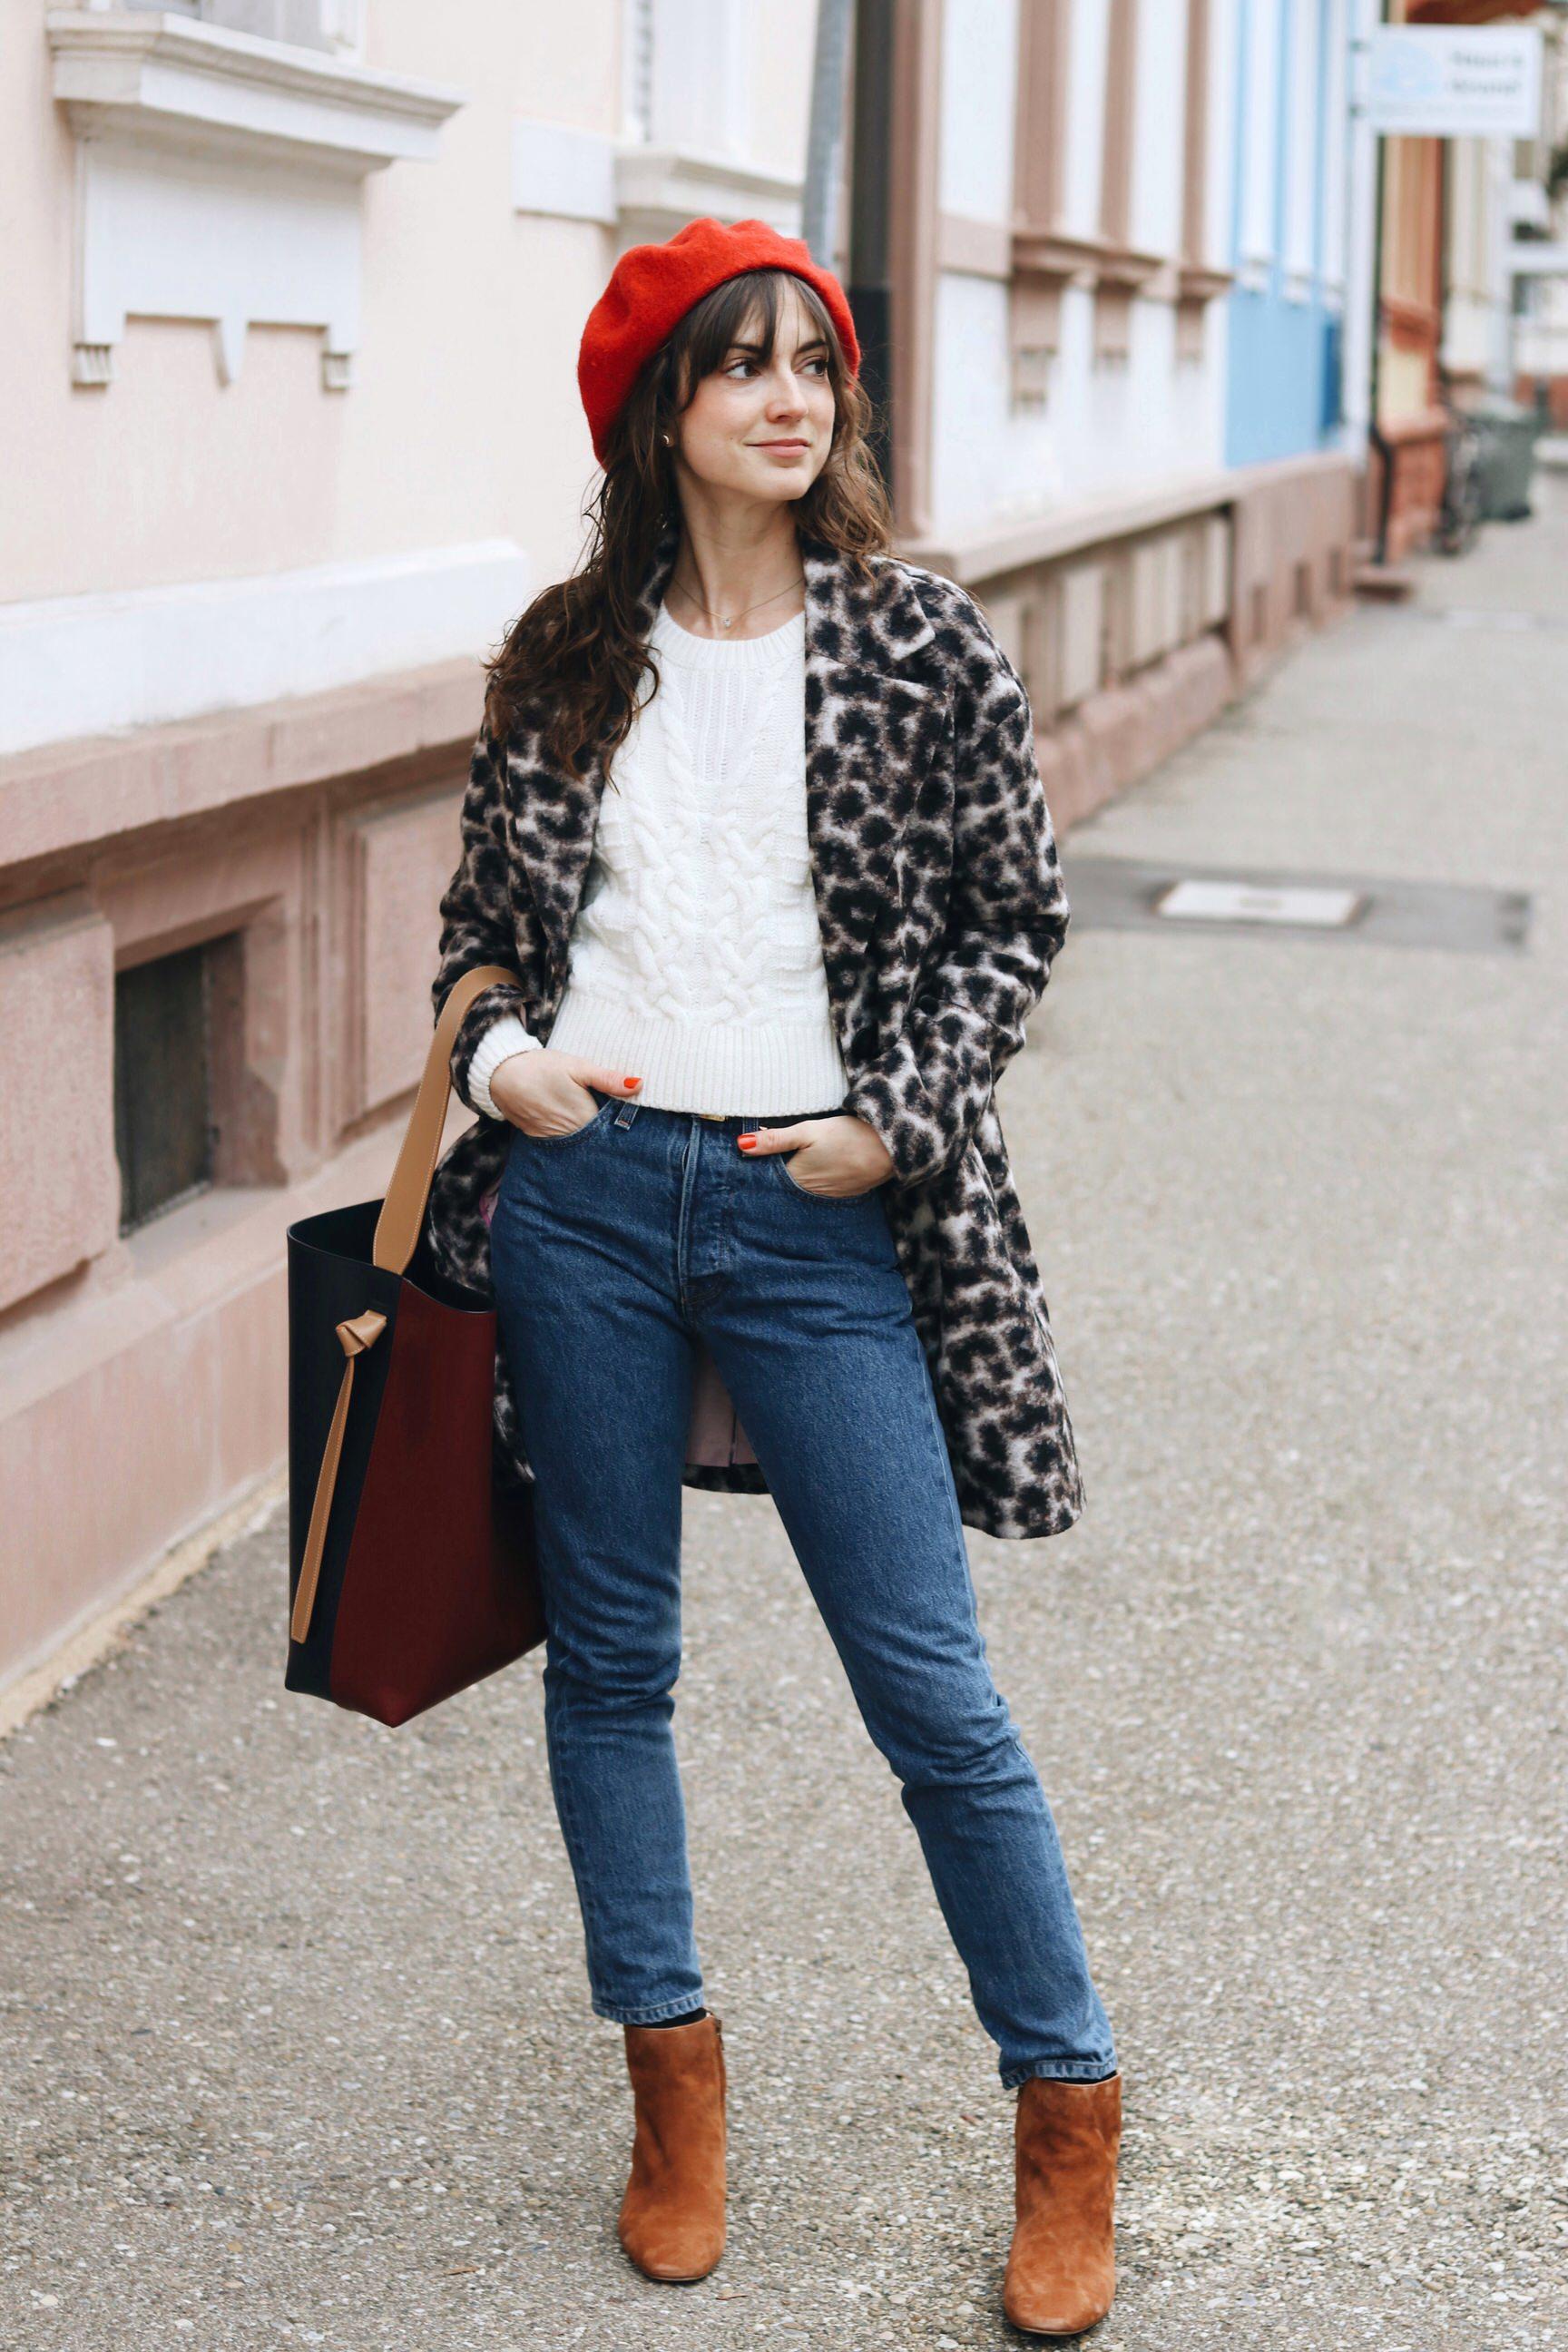 Modebloggerin Modeblog Fashionblog Mom jeans Leomantel cropped Jeans Celine Tasche